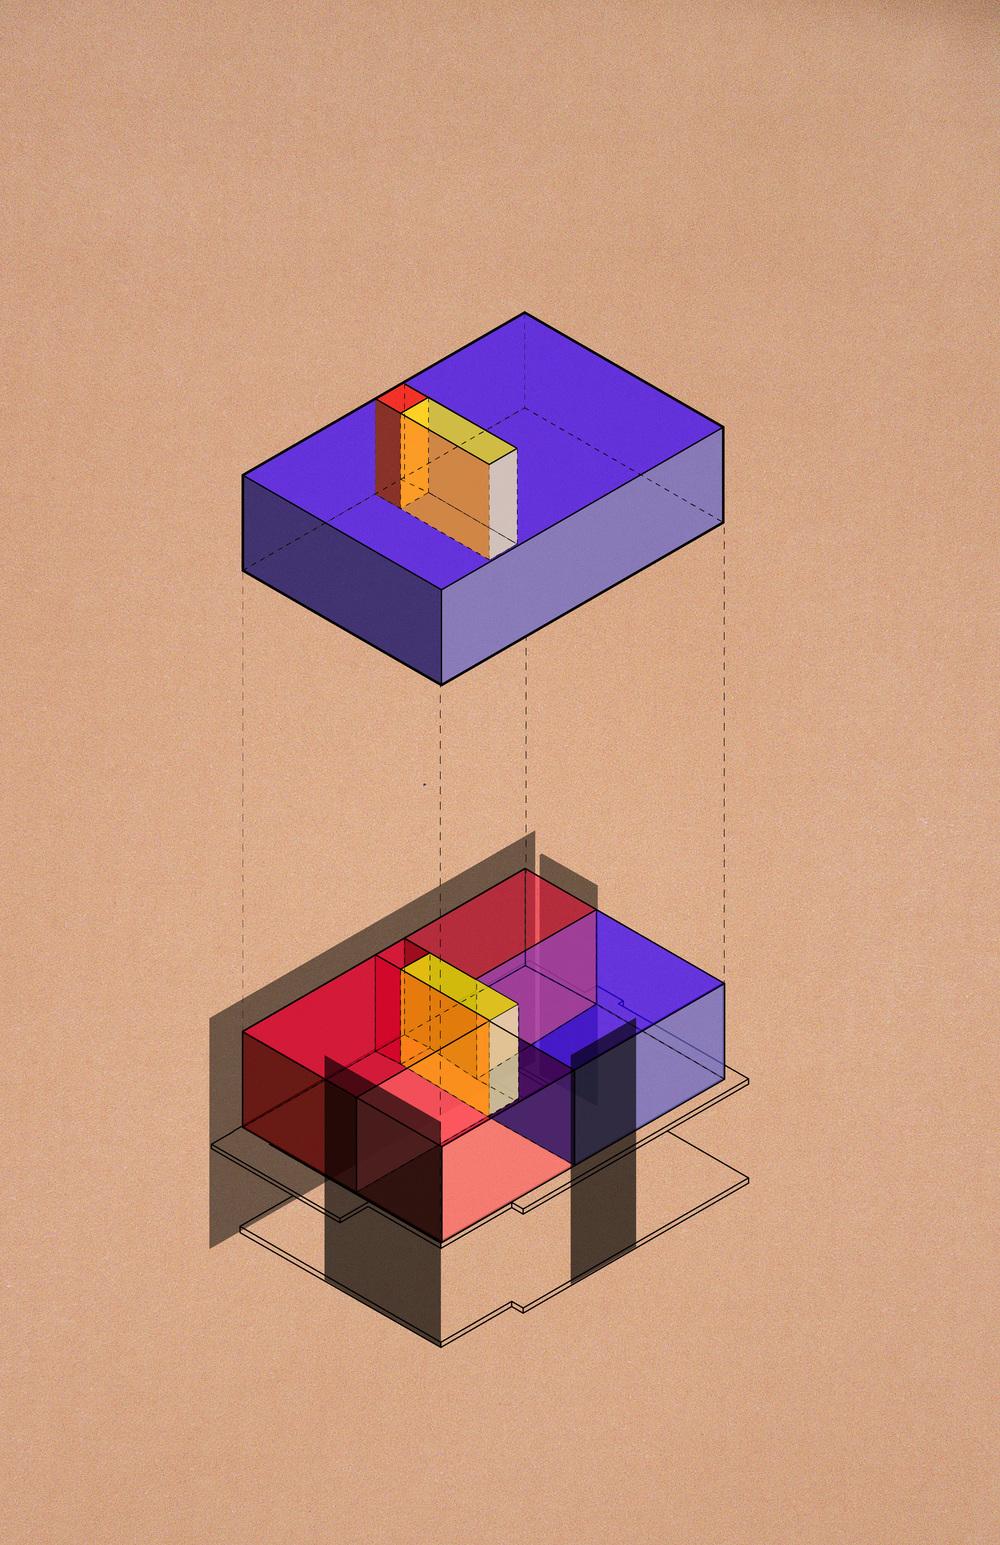 Rieveld-Schroder house axonometric diagram